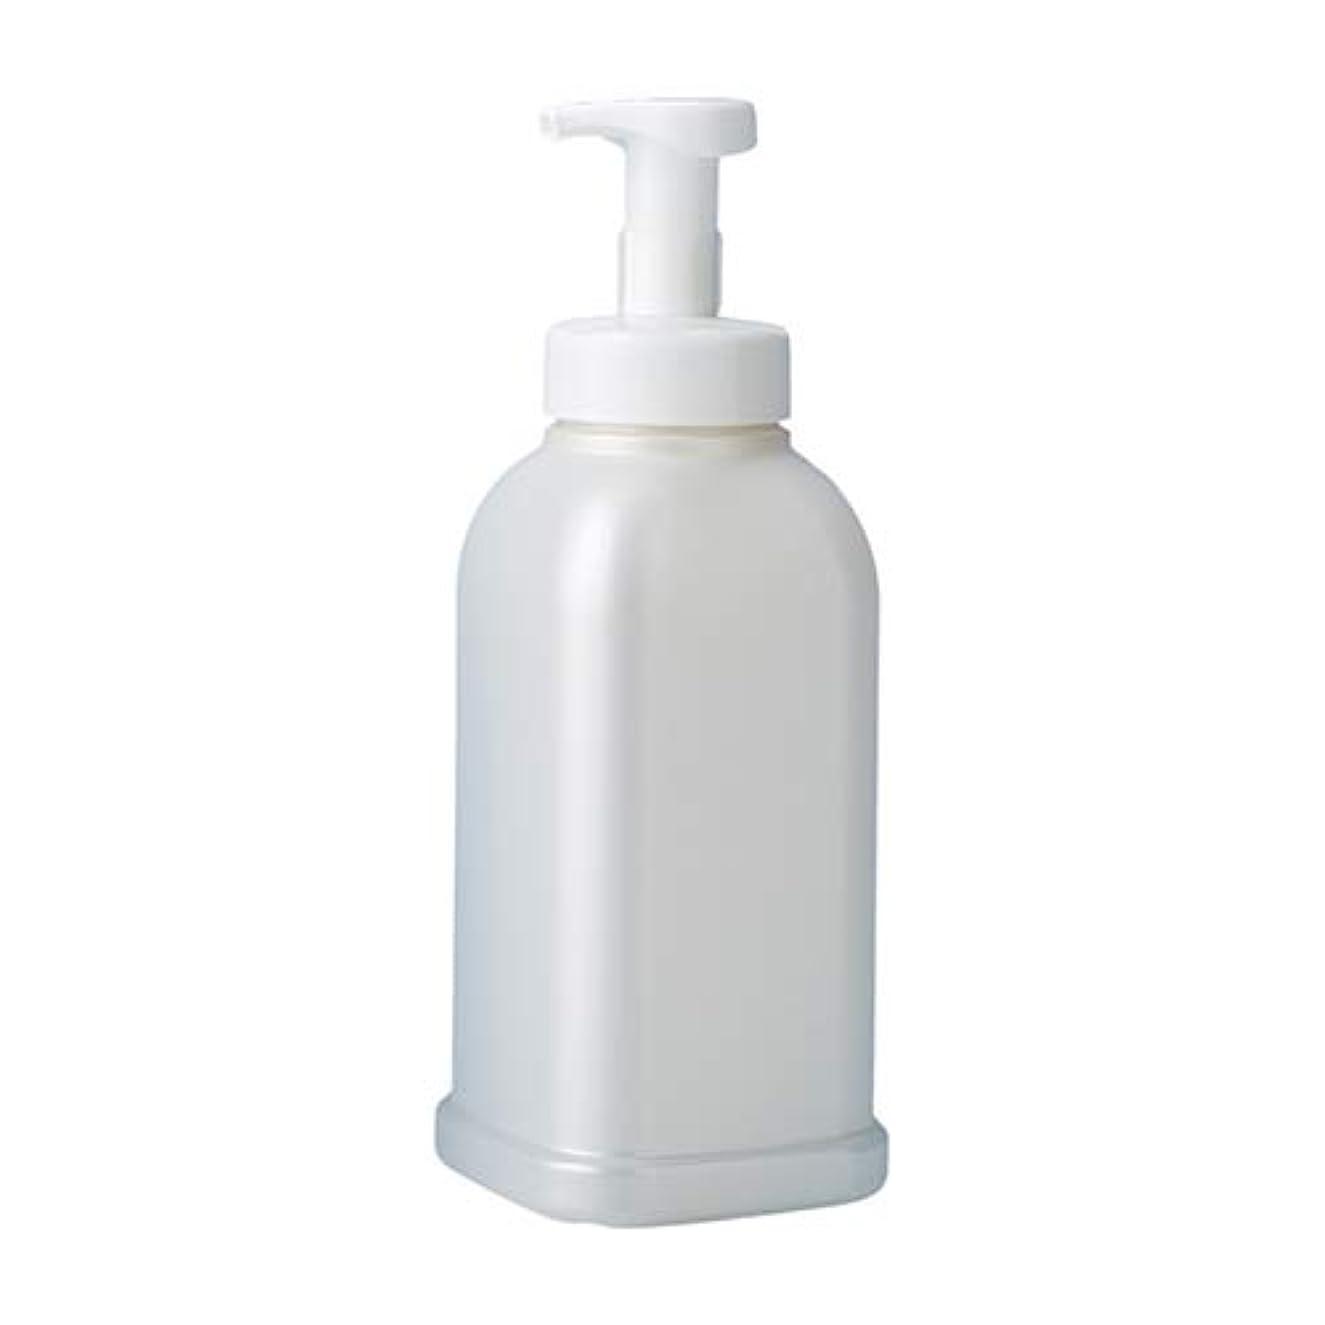 贈り物登る効率押すだけで泡が出る 安定感のある 泡ポンプボトル ボディソープ ハンドソープ 1.2L詰め替え容器 パールホワイト